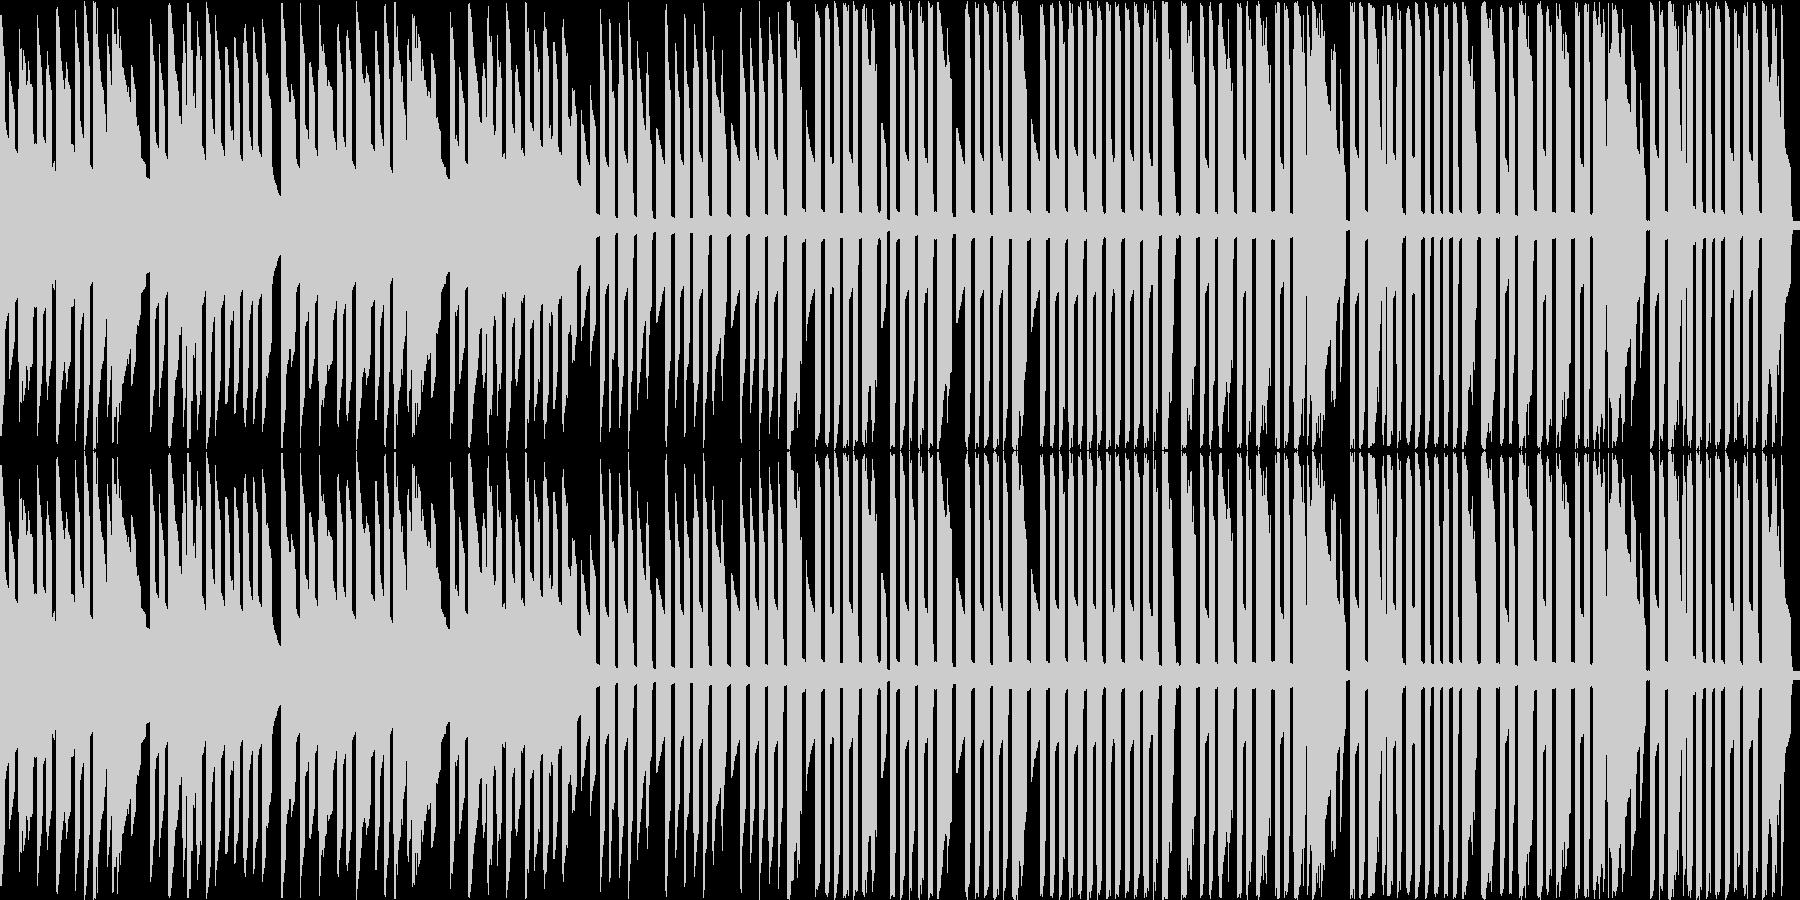 ジングルベル(ピコピコ3音アレンジ)の未再生の波形